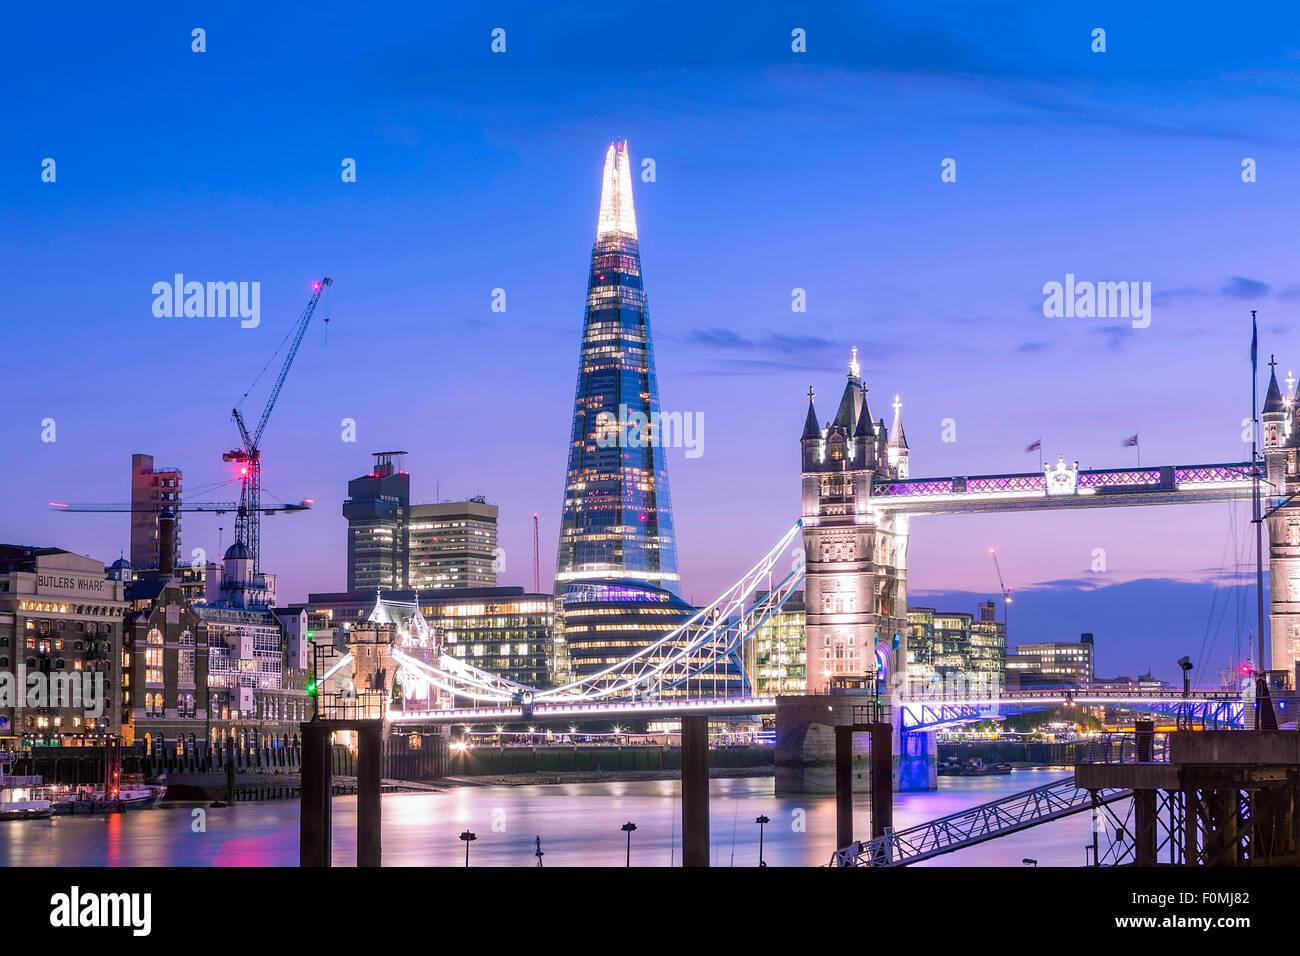 Tower Bridge, el río Támesis y el Shard edificio en Londres, Inglaterra, Reino Unido. Imagen De Stock